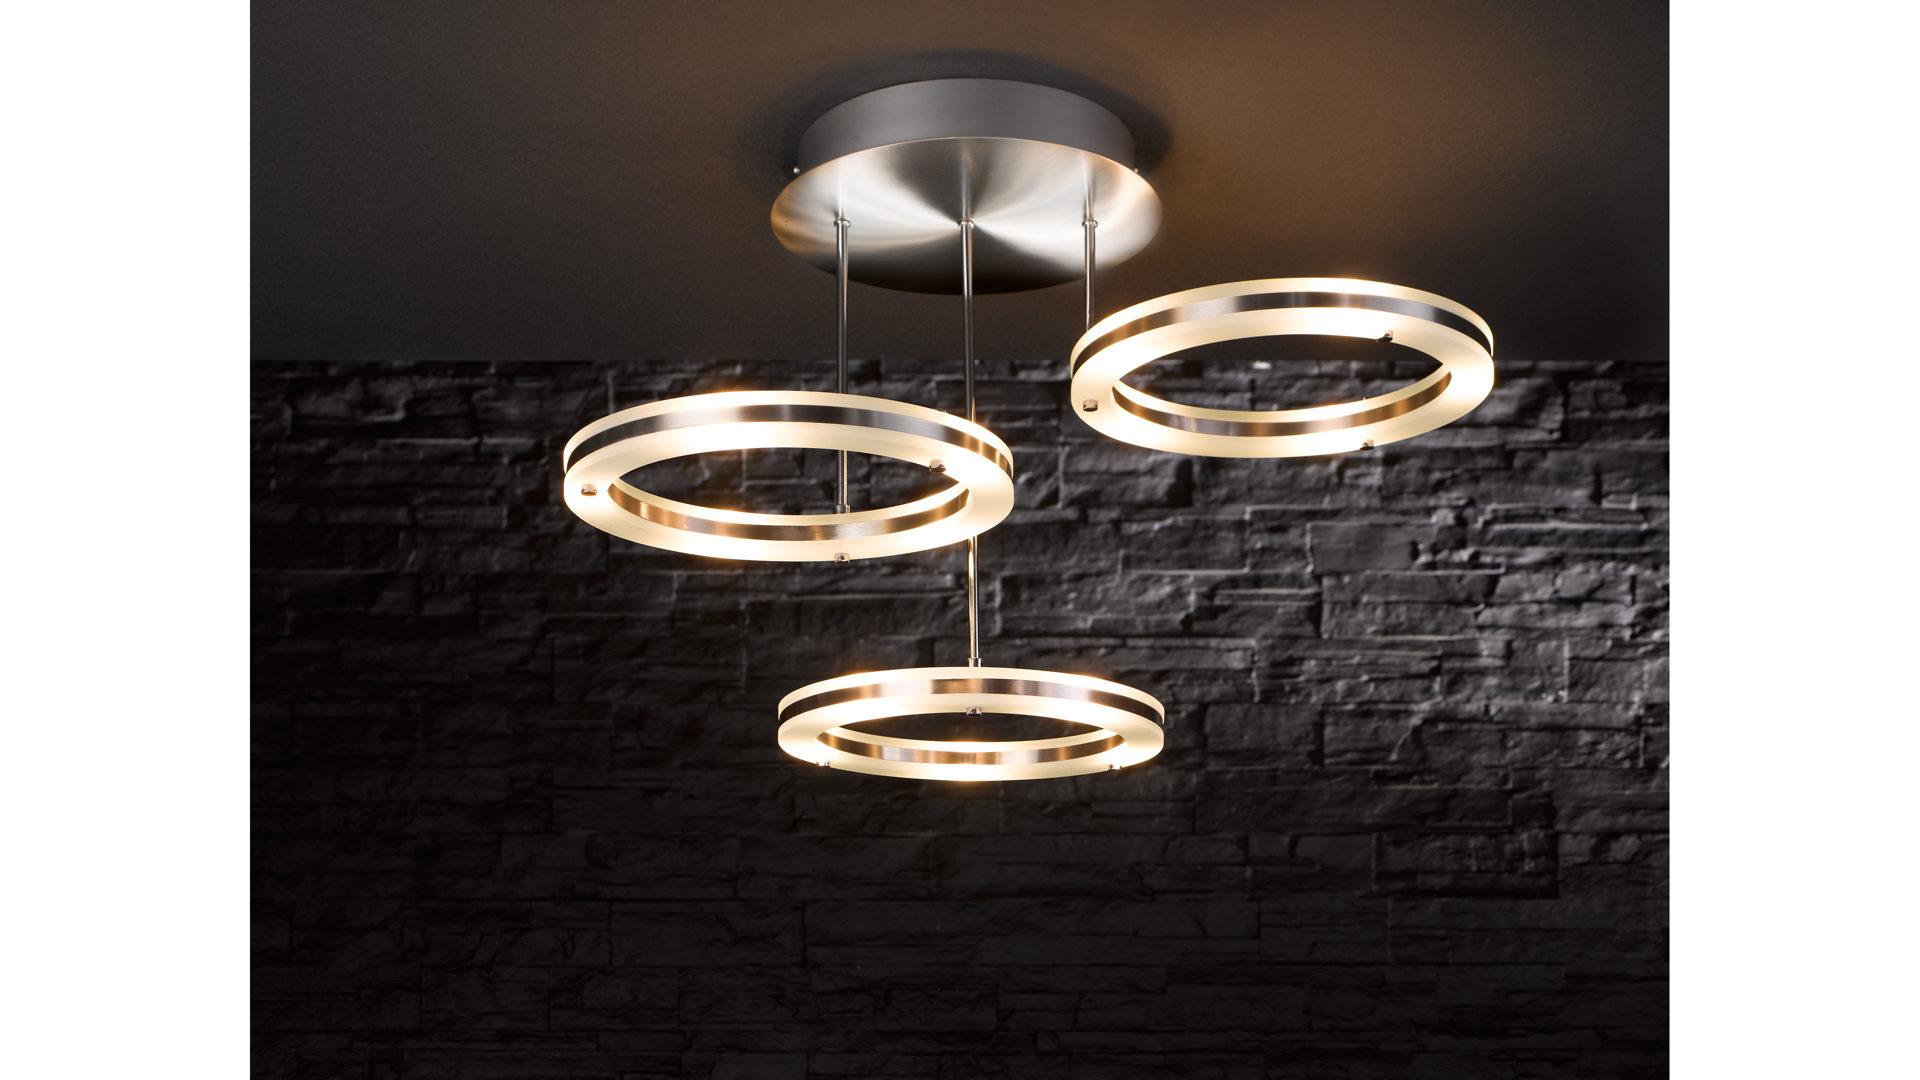 Led lampen deckenleuchten led lm u lampen